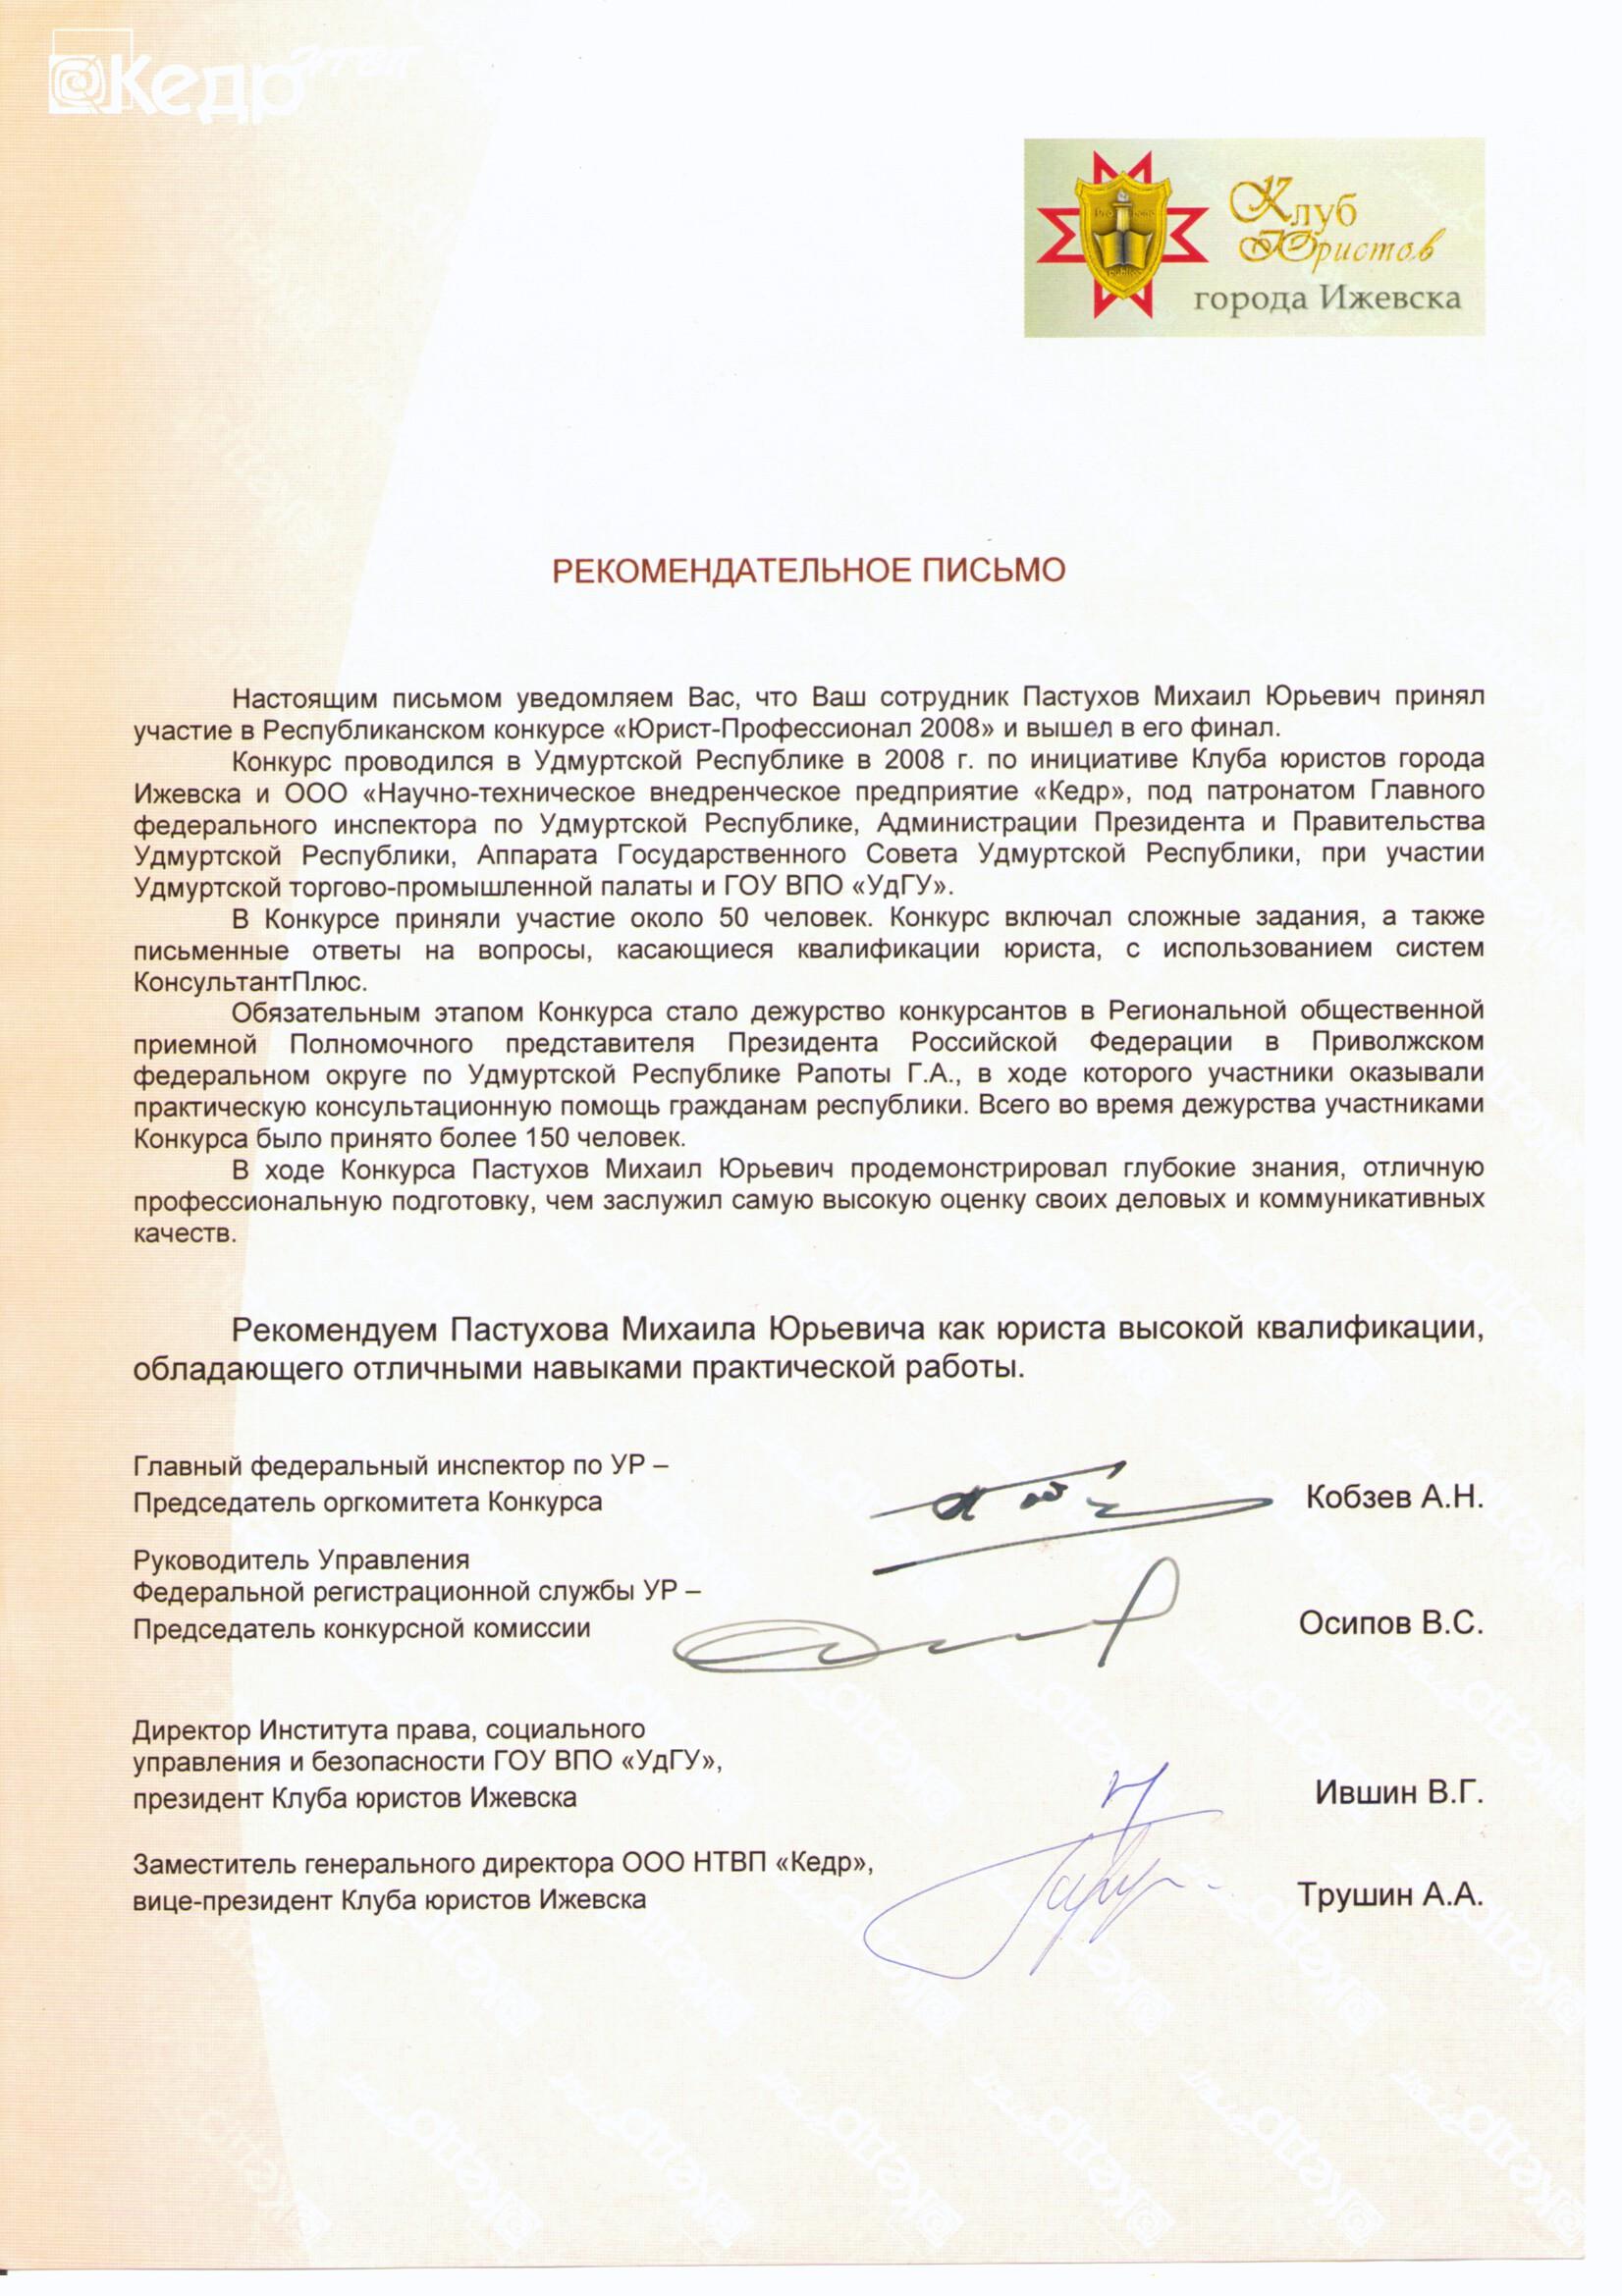 Образцы рекомендательного письма на участие в конкурсе